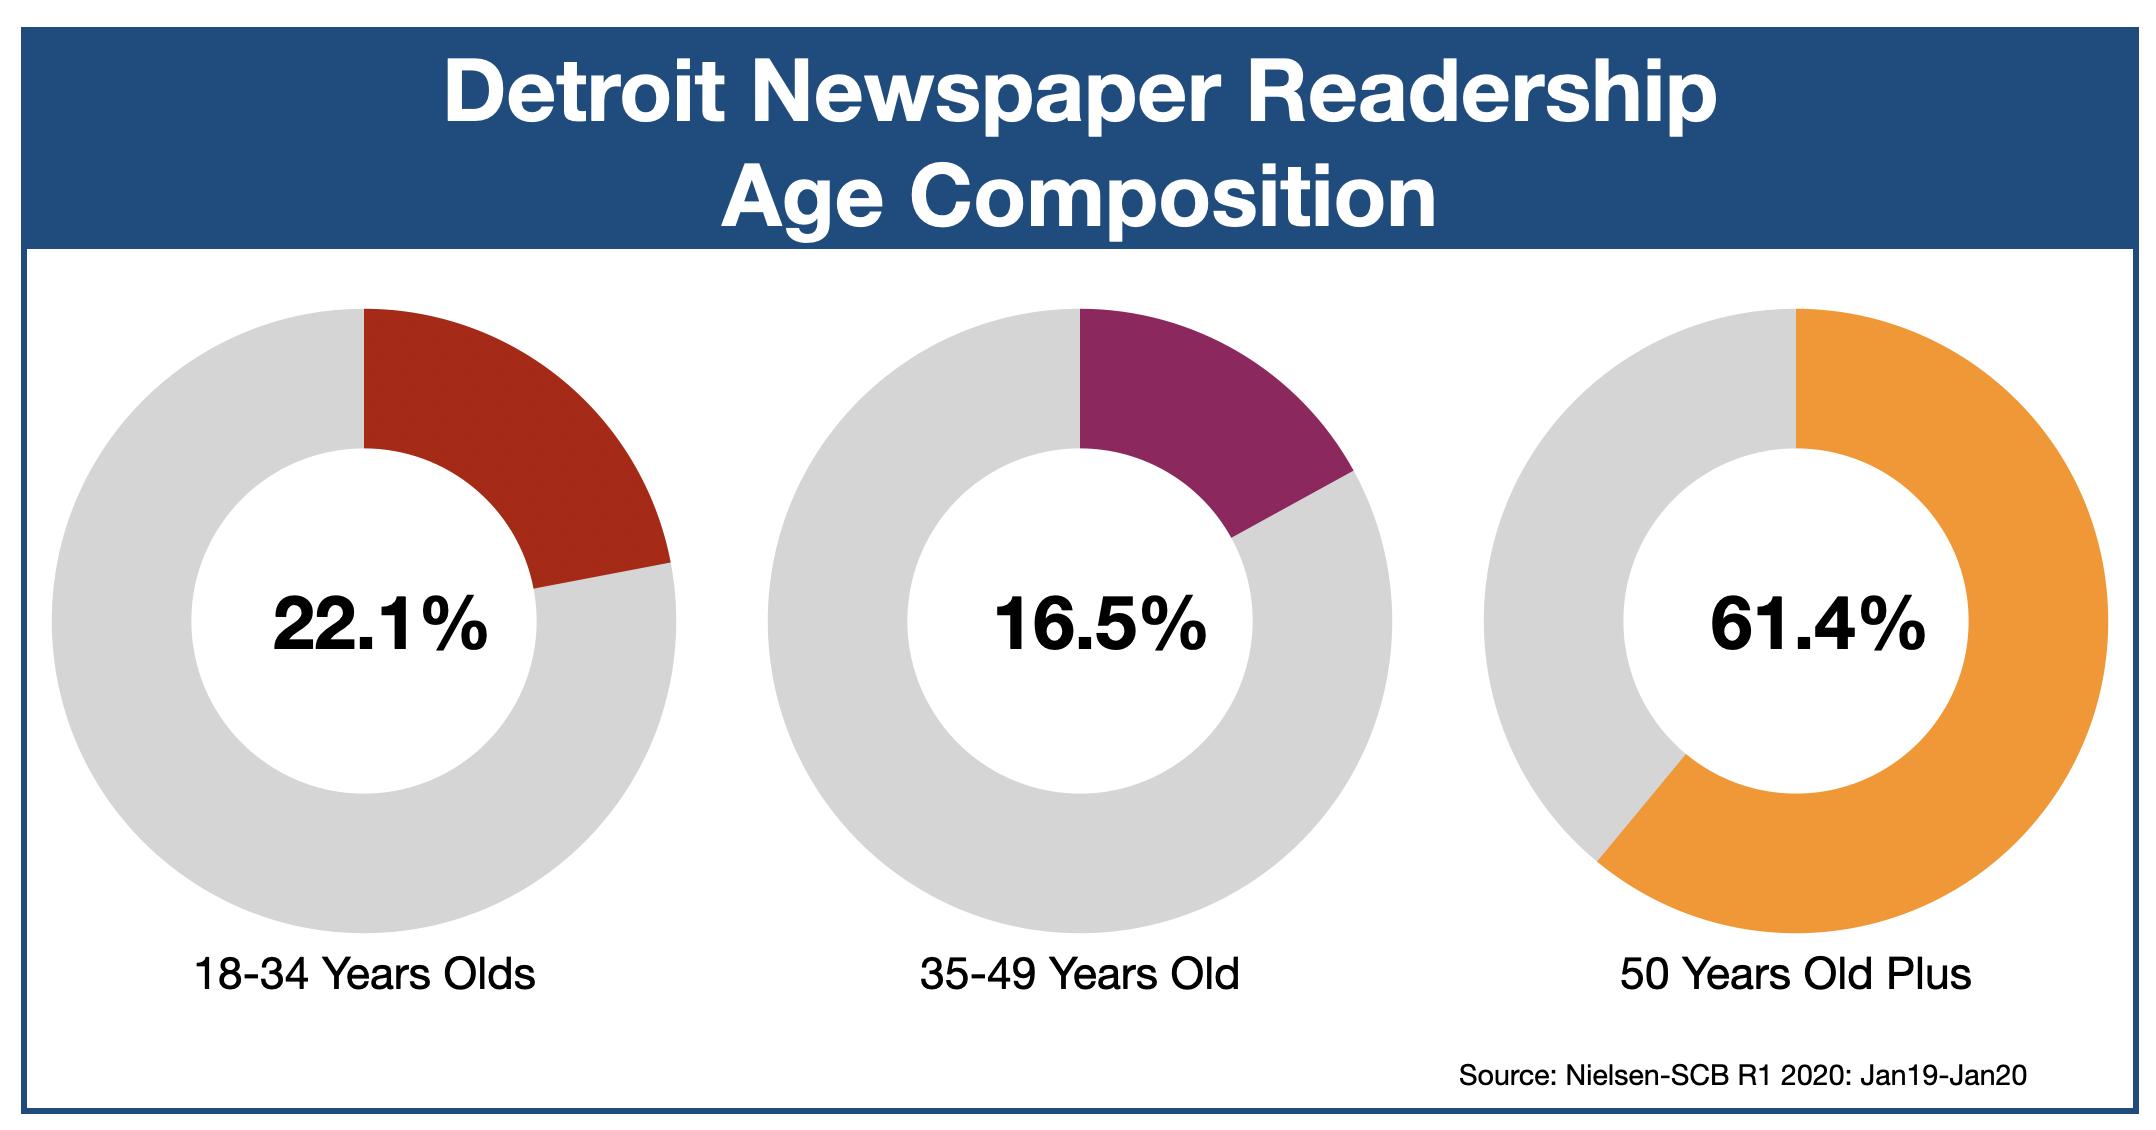 Newspaper Advertising In Detroit Age of Readers